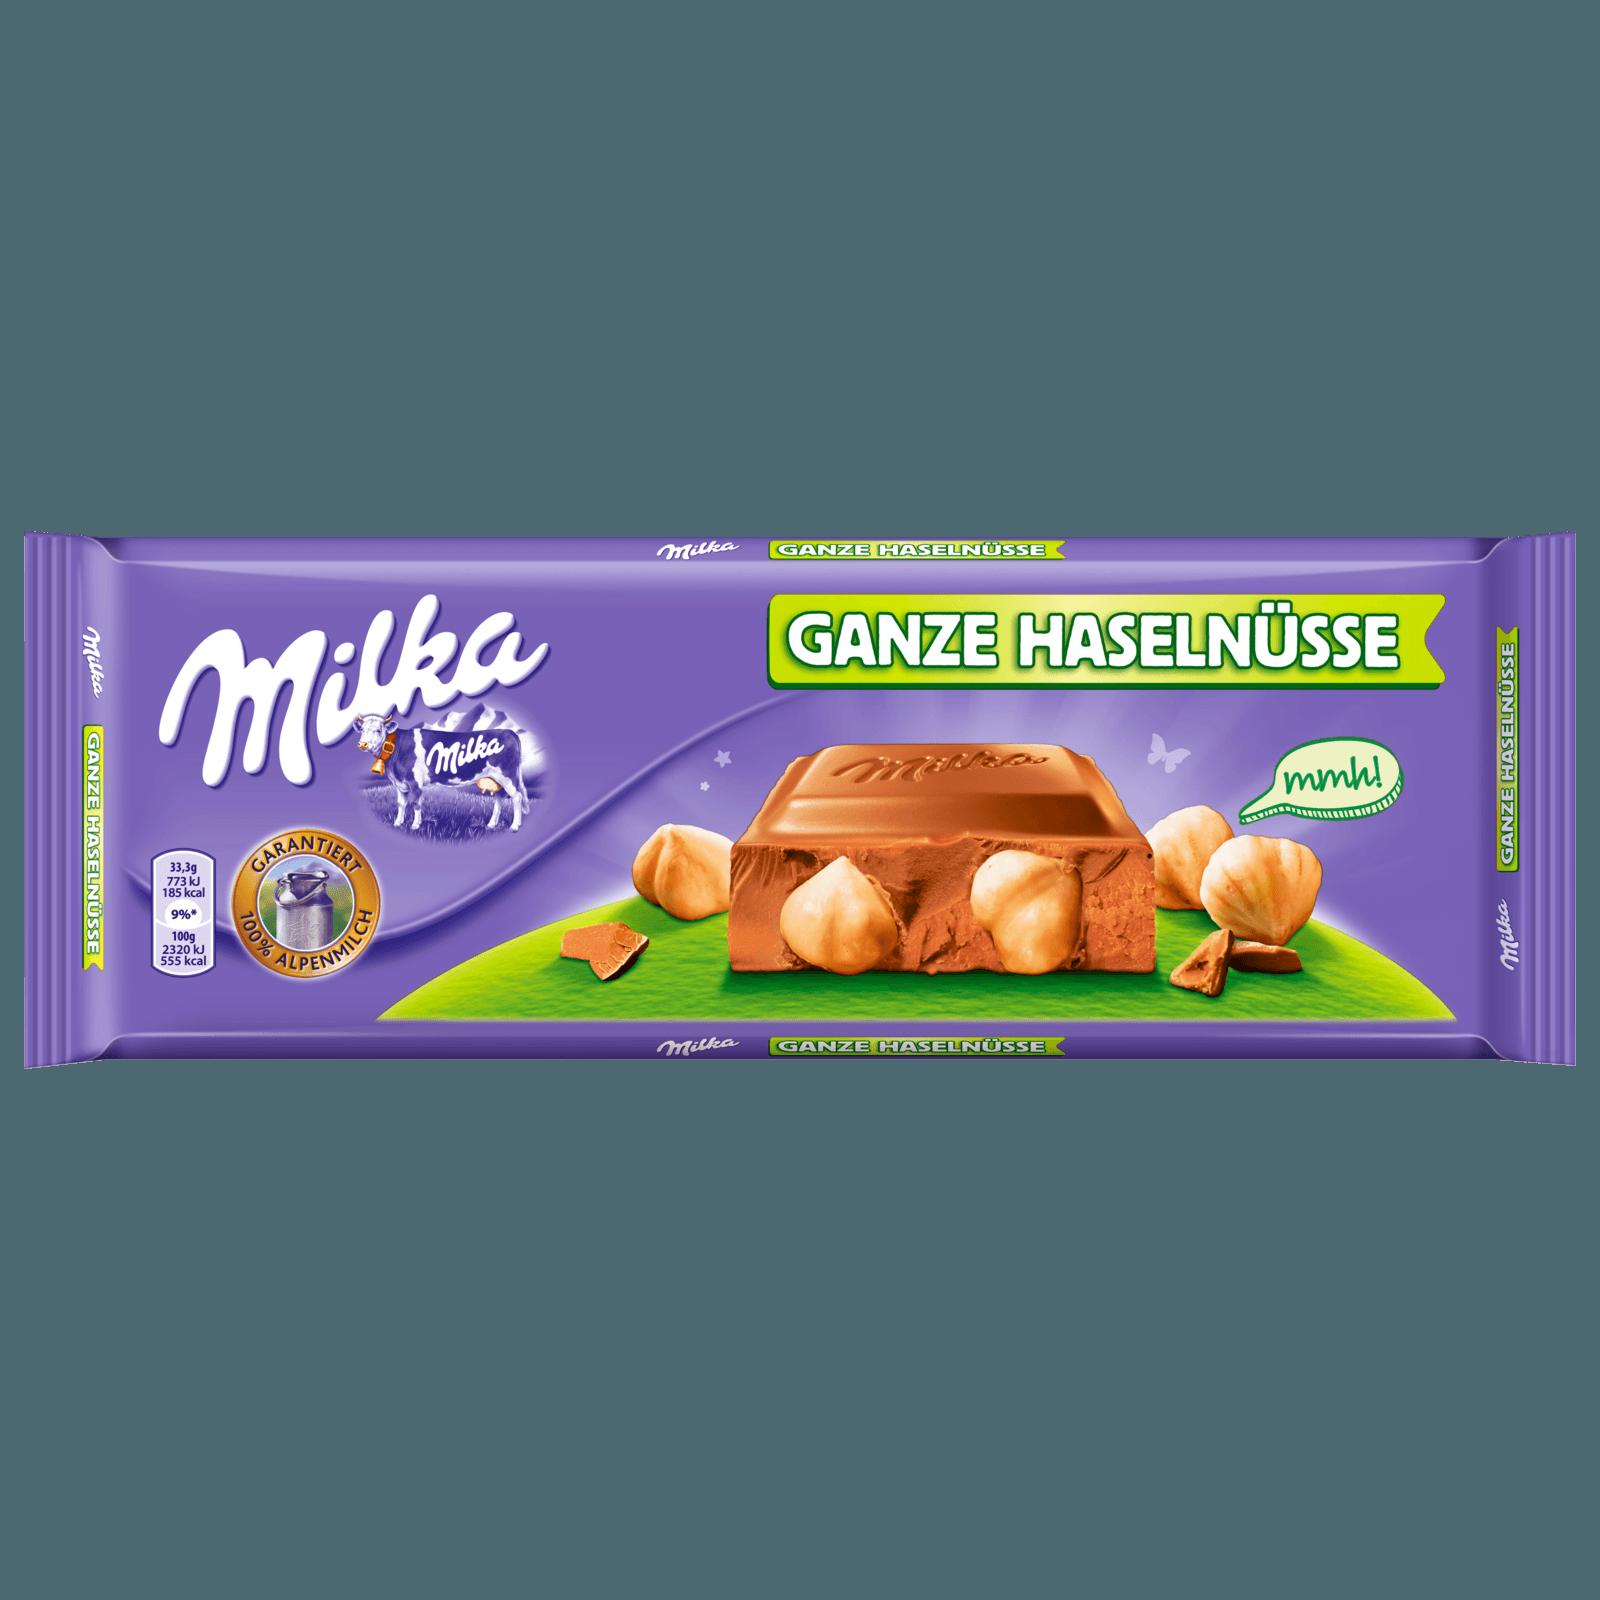 Milka Großtafel Ganze Haselnüsse 300g